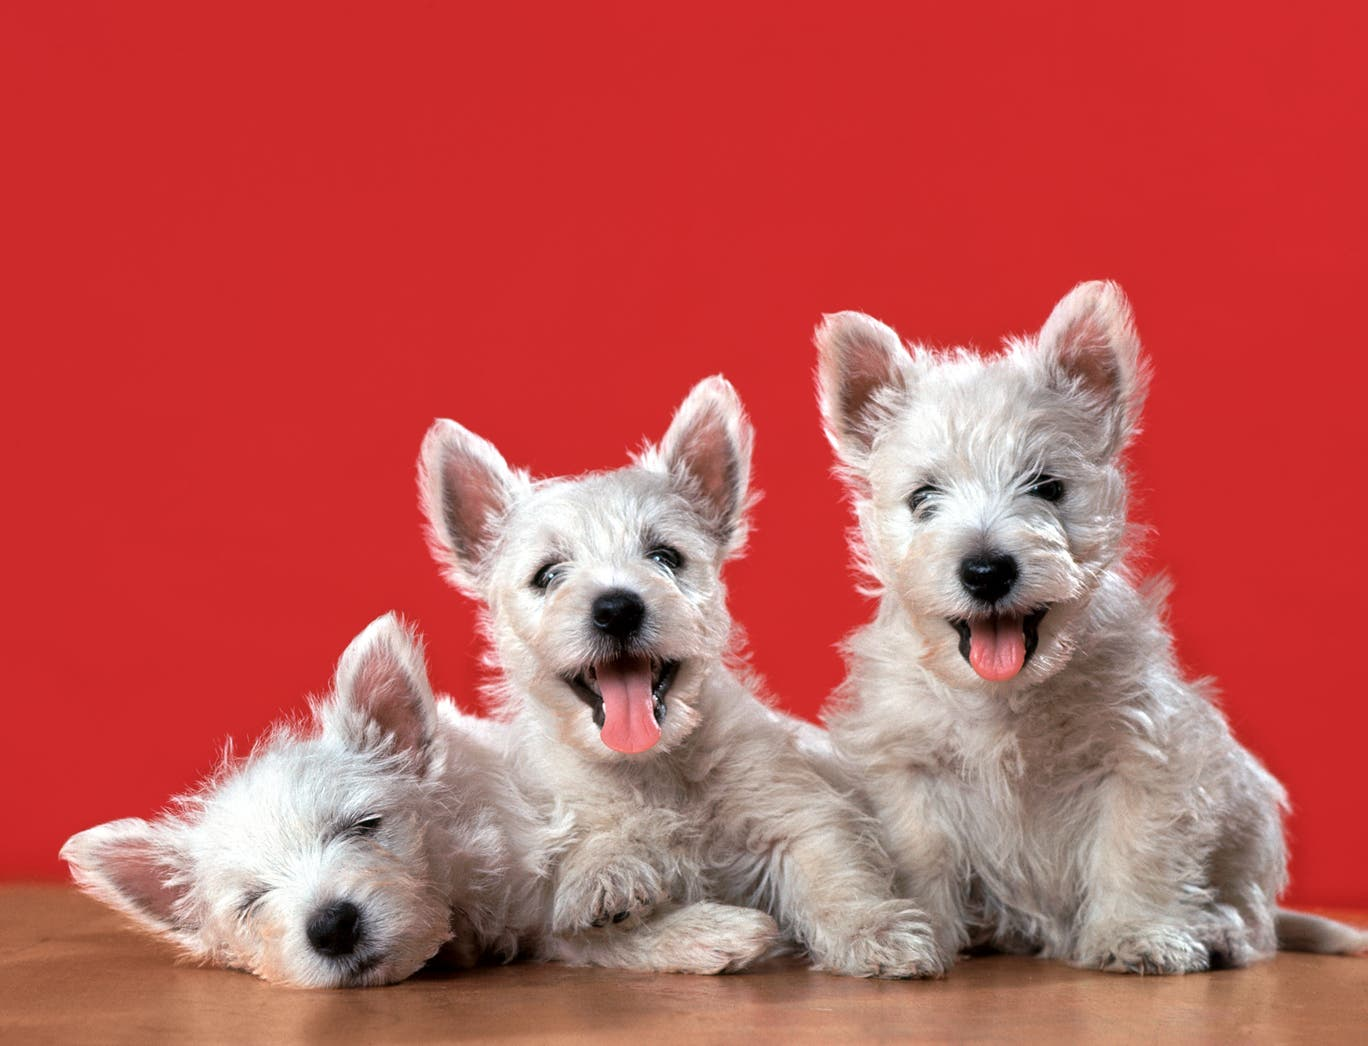 Dogilike.com :: เผยภาพน่ารัก! เมื่อสัตว์เลี้ยงสุดรักถูกถ่ายทอดผ่านเลนส์กล้อง